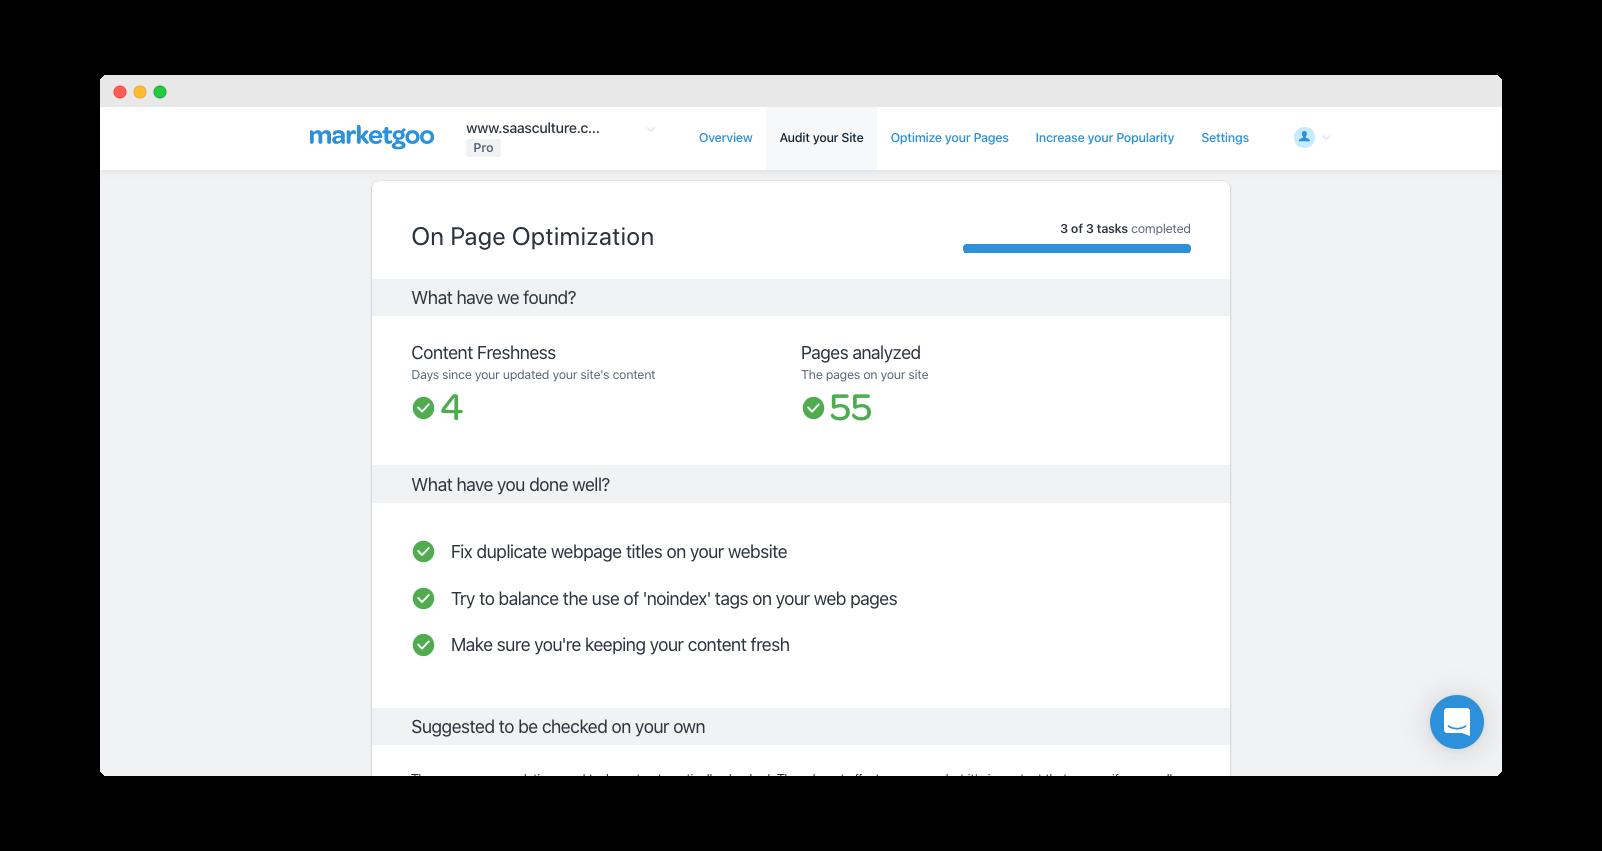 marketgoo-pro-audit-your-site-content